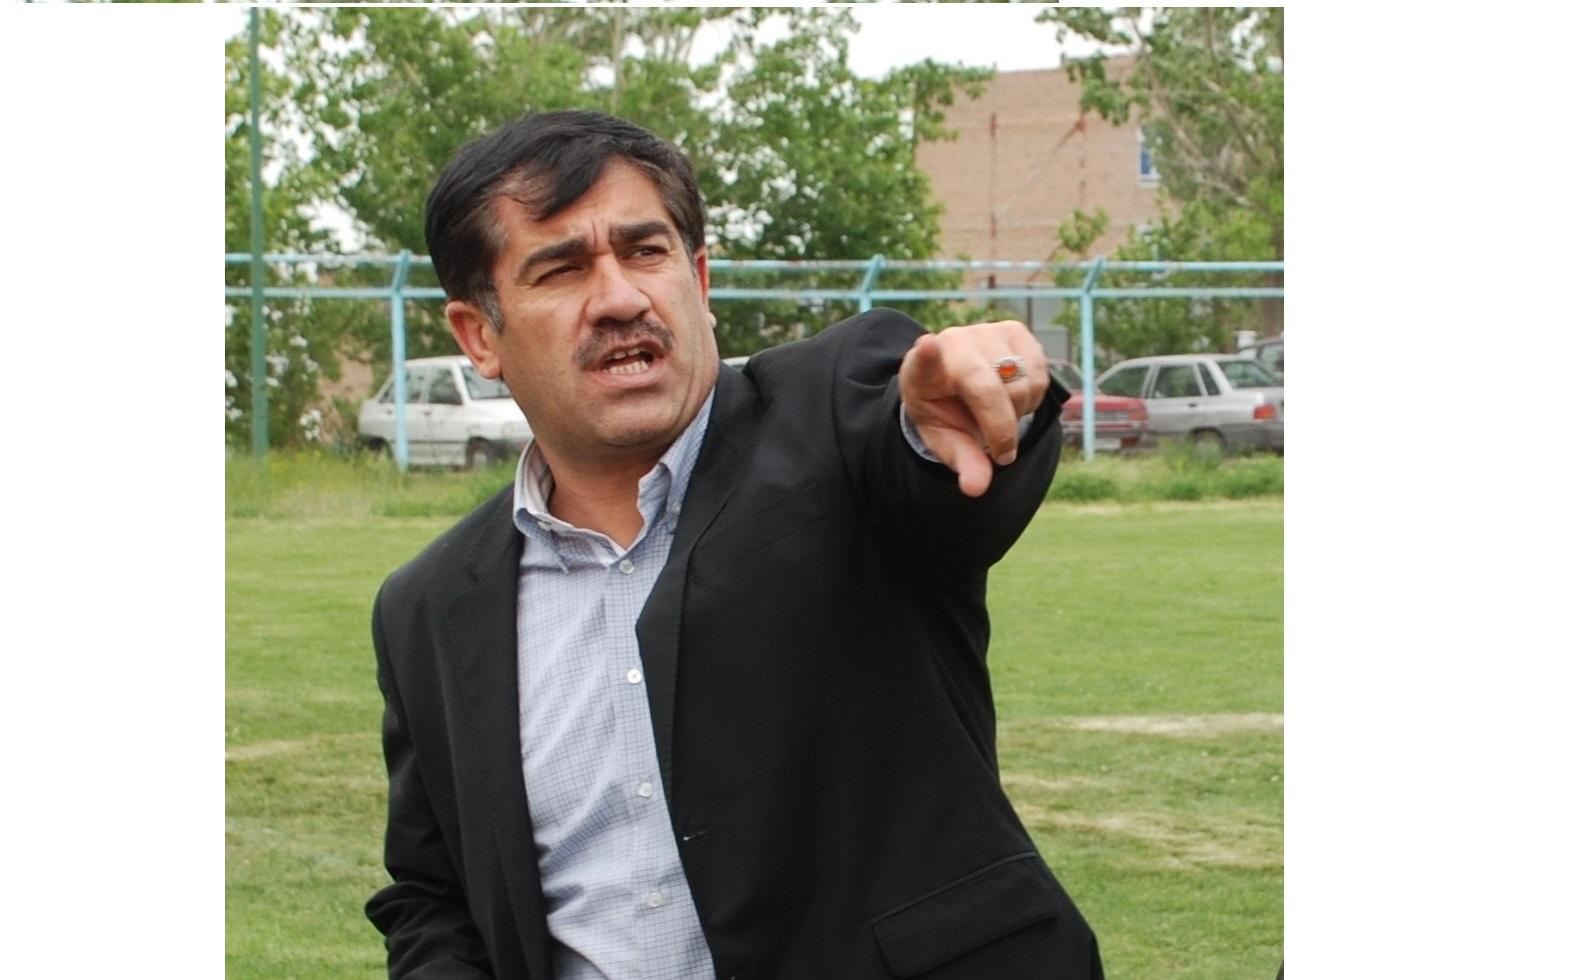 ستوده نژاد شخصا کناره گیری کرده است/ آمادگی ۱۰۰ درصد ورزشگاه یادگار امام